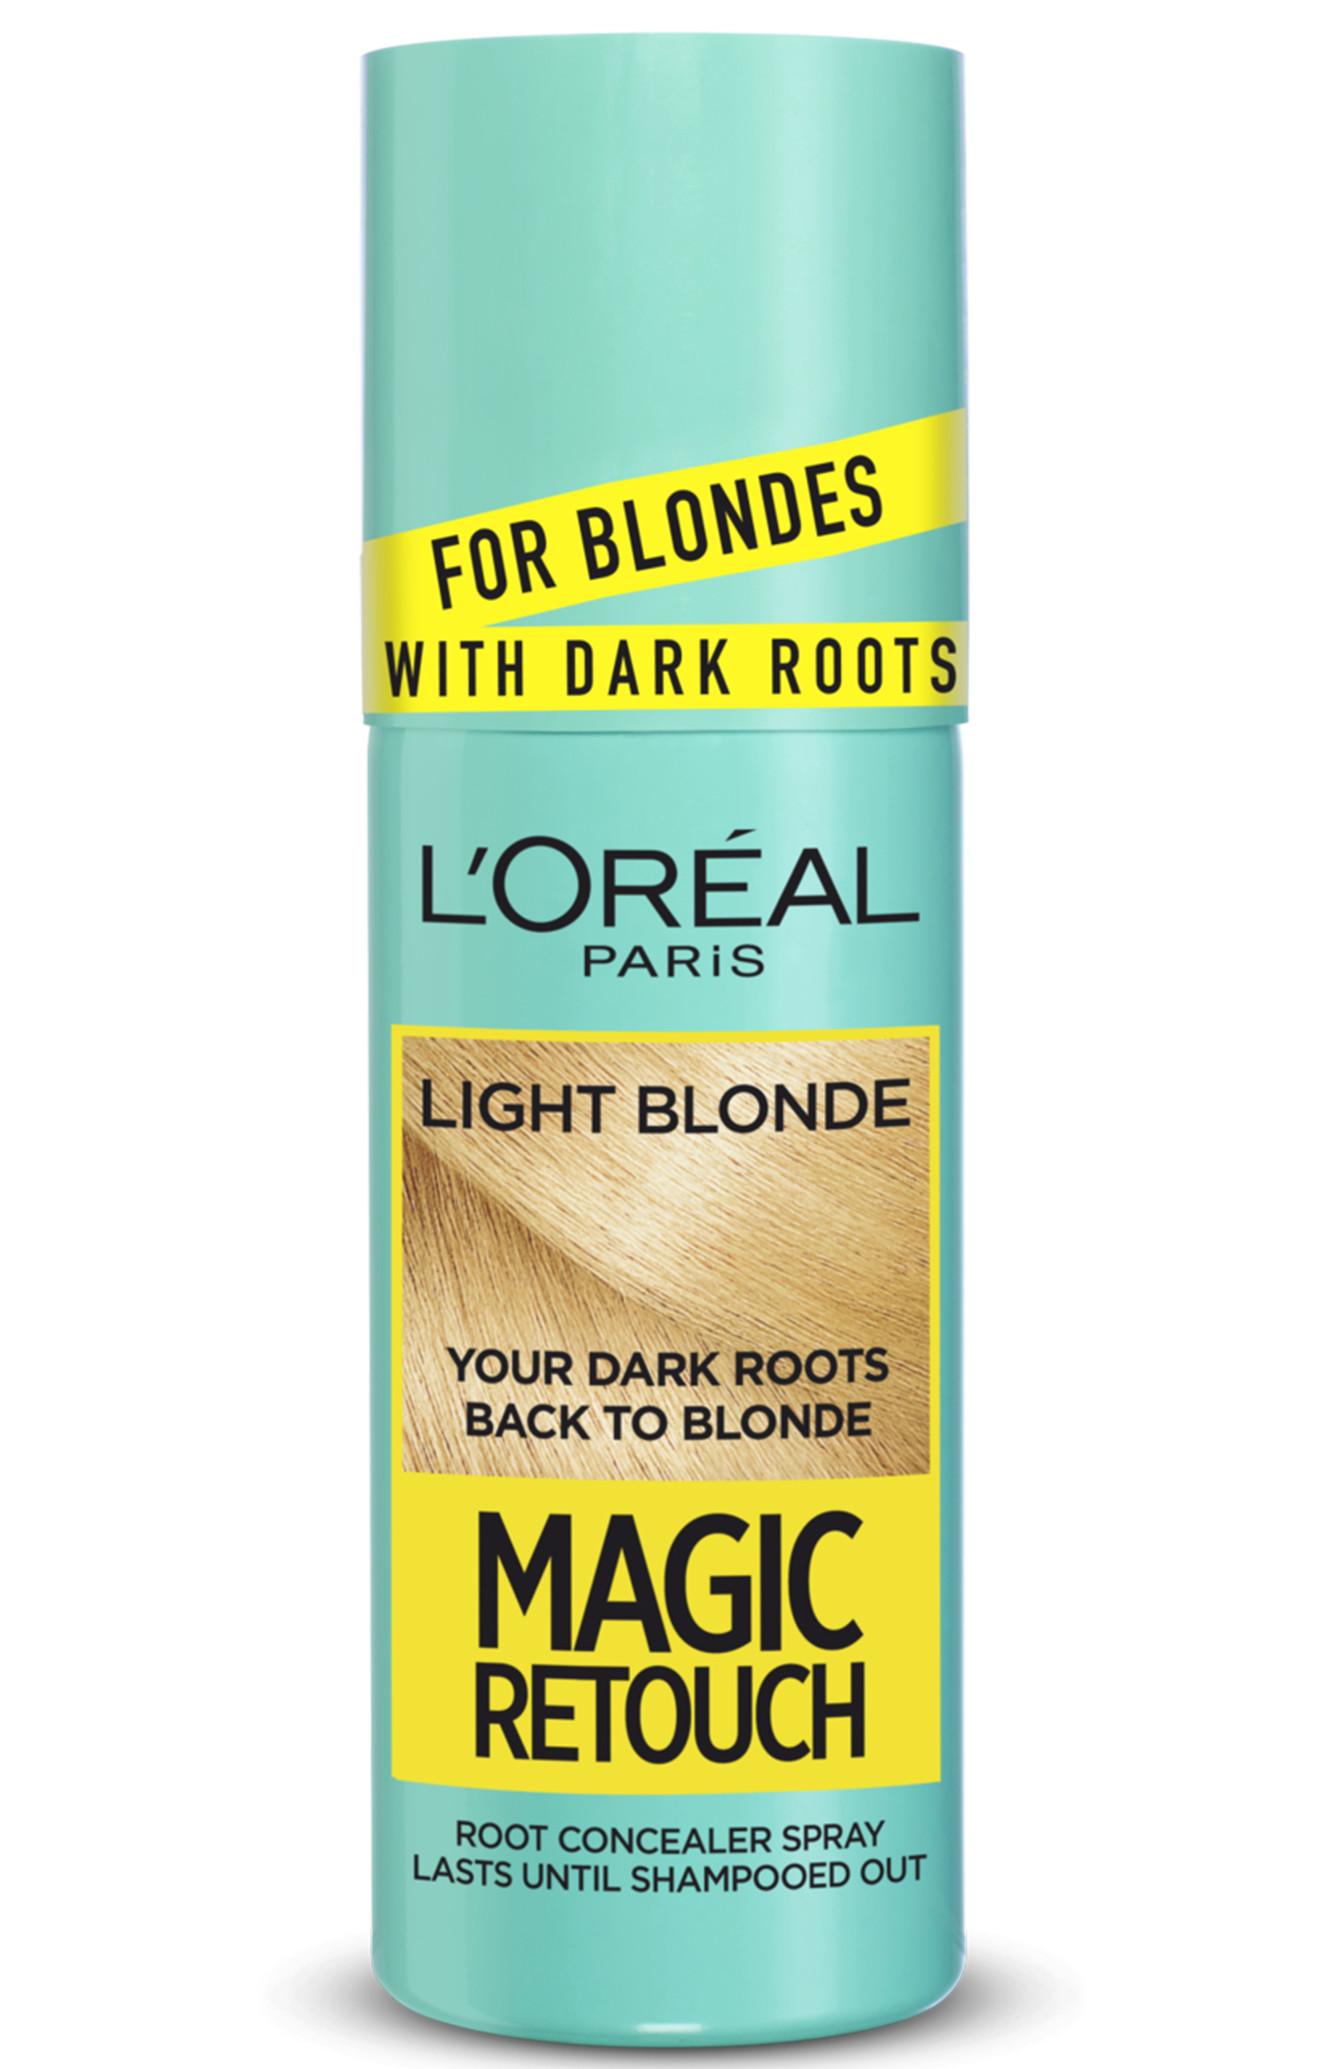 Sprej pro zakrytí tmavých odrostů Loréal Paris Magic Retouch - 75 ml, světlá blond